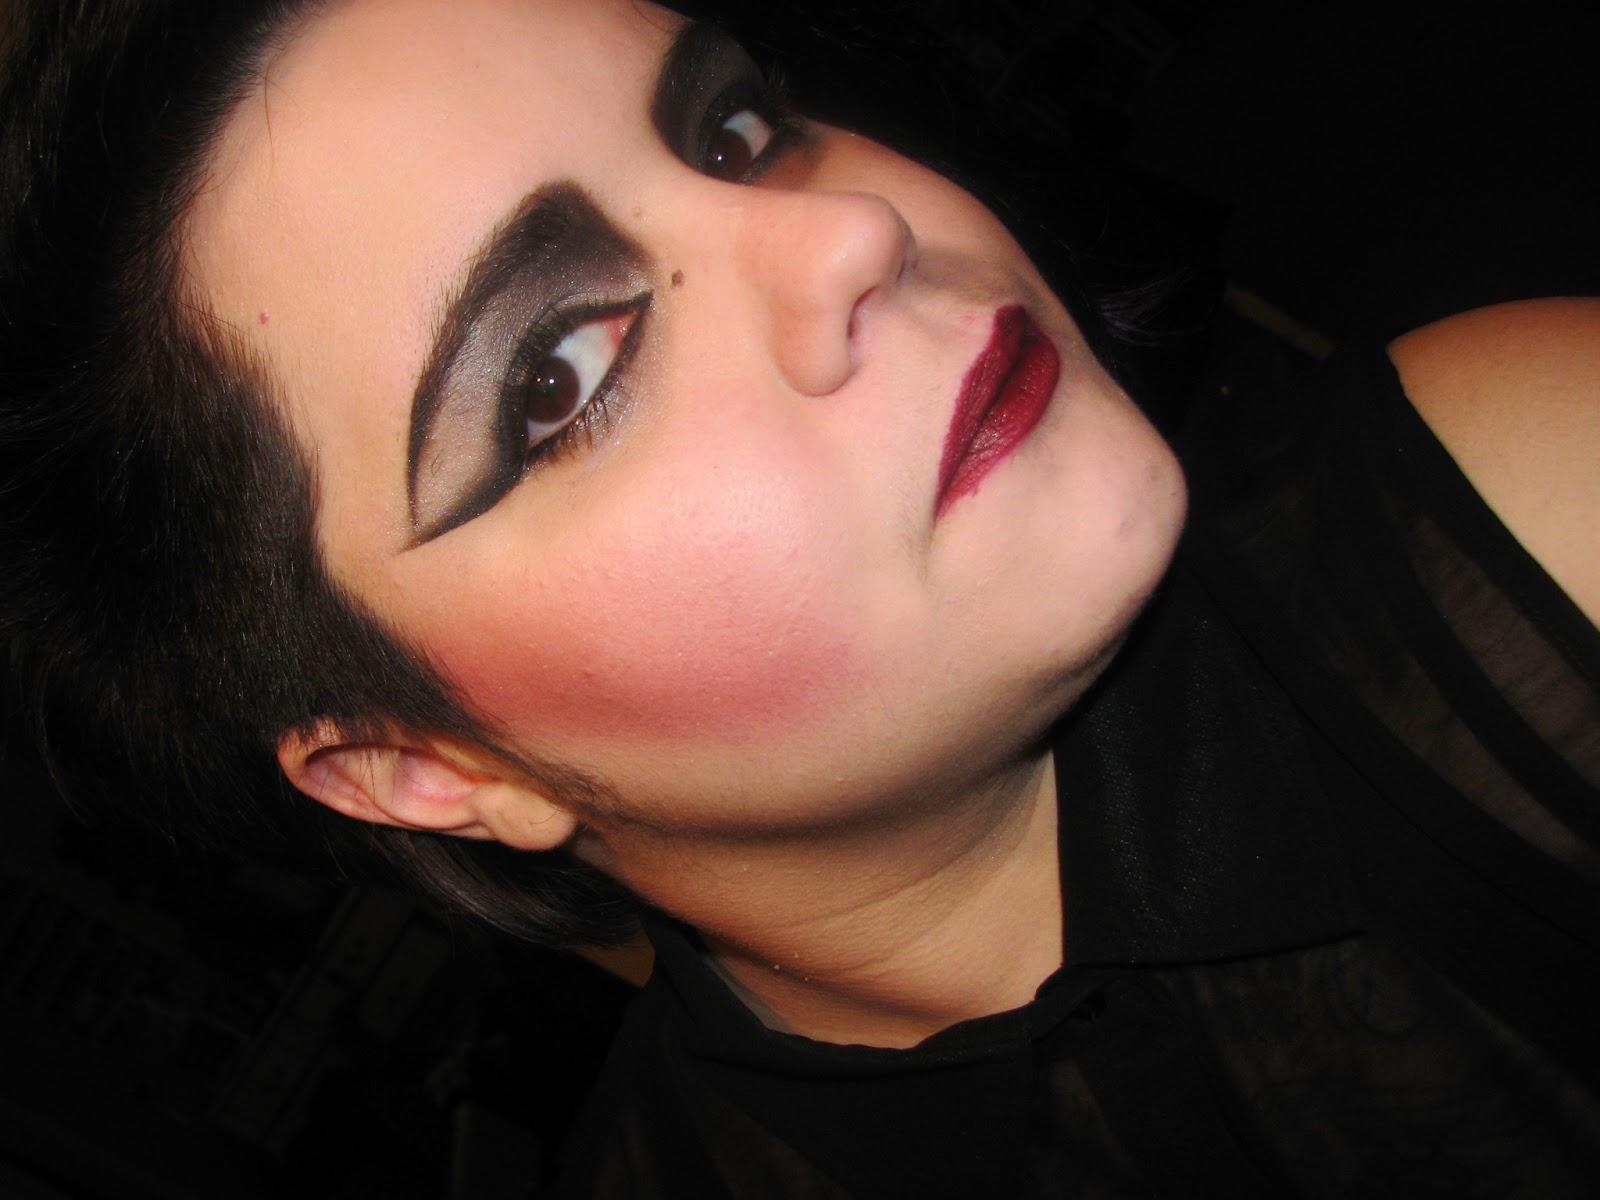 Joan jett 80s makeup pictures